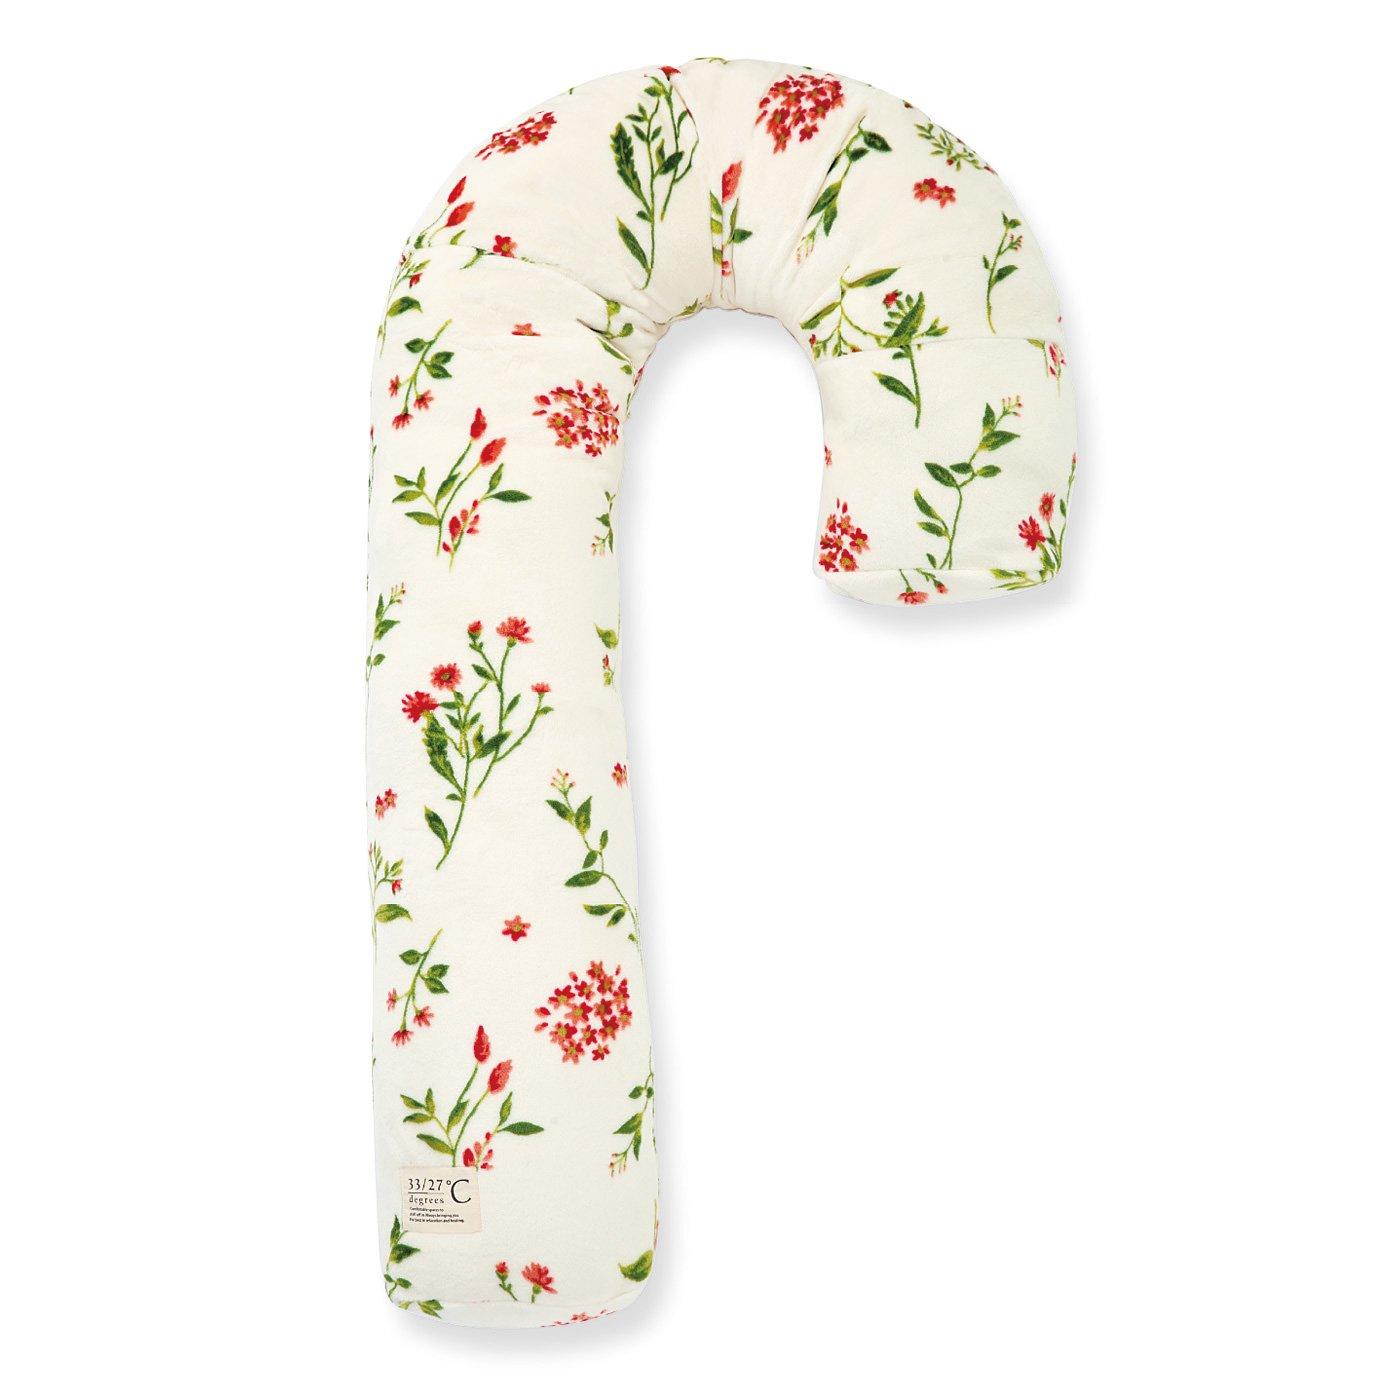 オフシーズン寝具は有効活用! 横向き寝姿がさらにらくちん あったかファーの抱き枕カバーの会